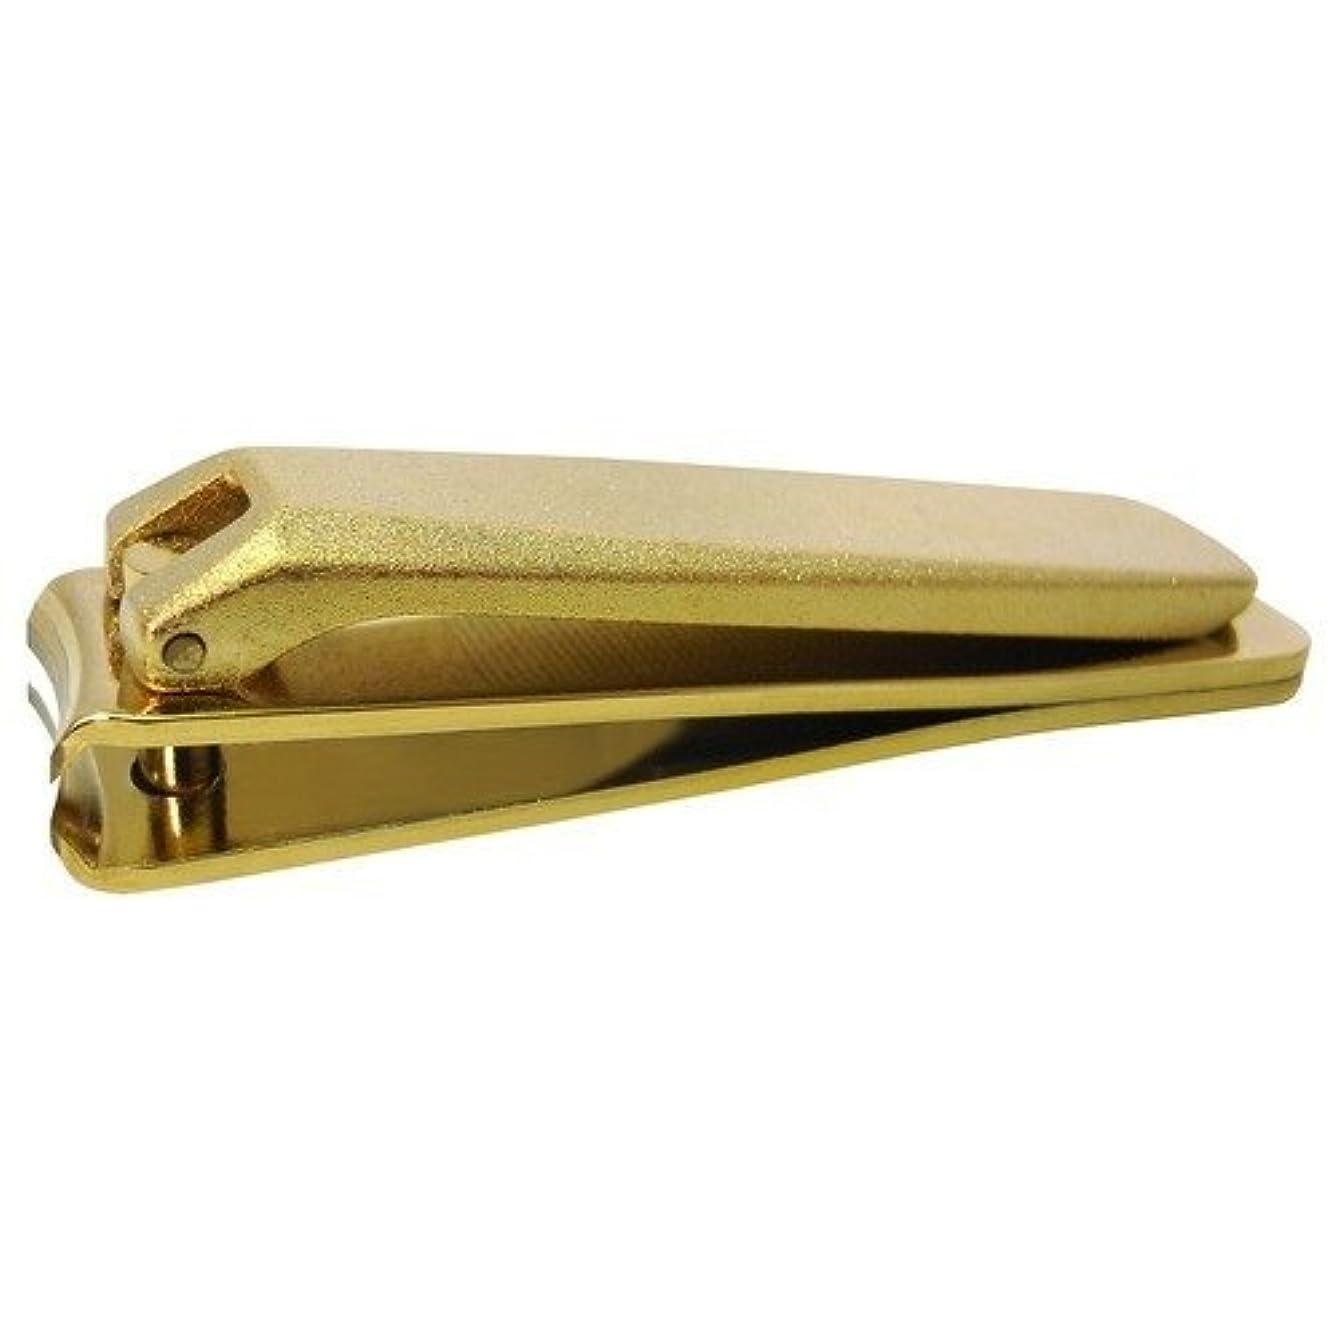 慢な教授アプトKD-029 関の刃物 ゴールド爪切 大 カバー無